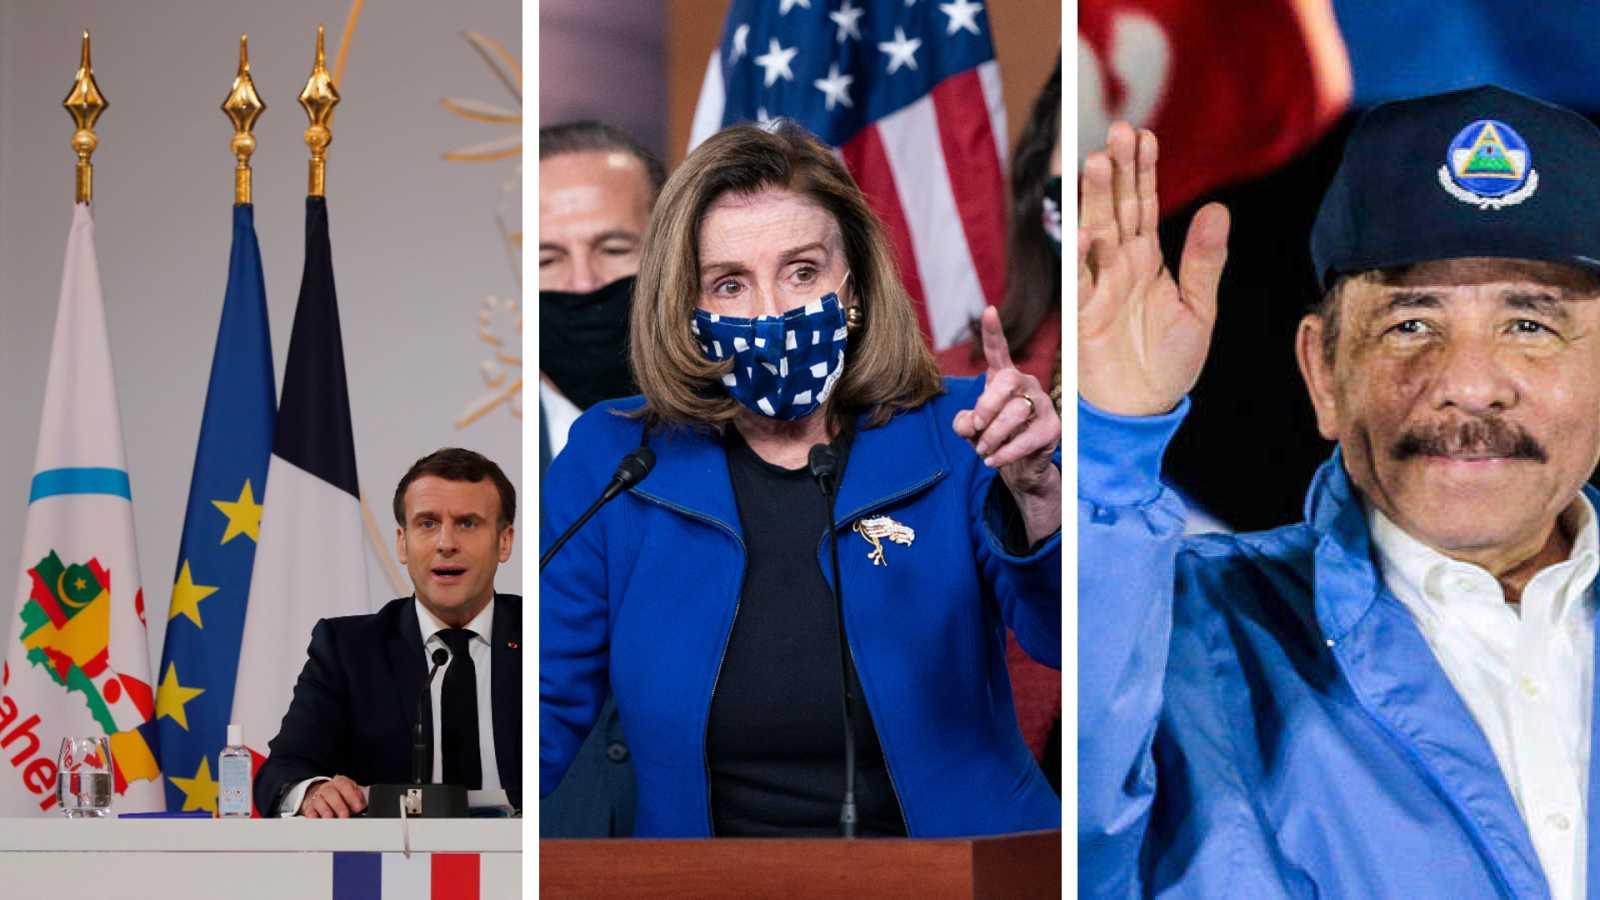 Cinco continentes - Francia mantendrá su presencia militar en el Sahel - Escuchar ahora